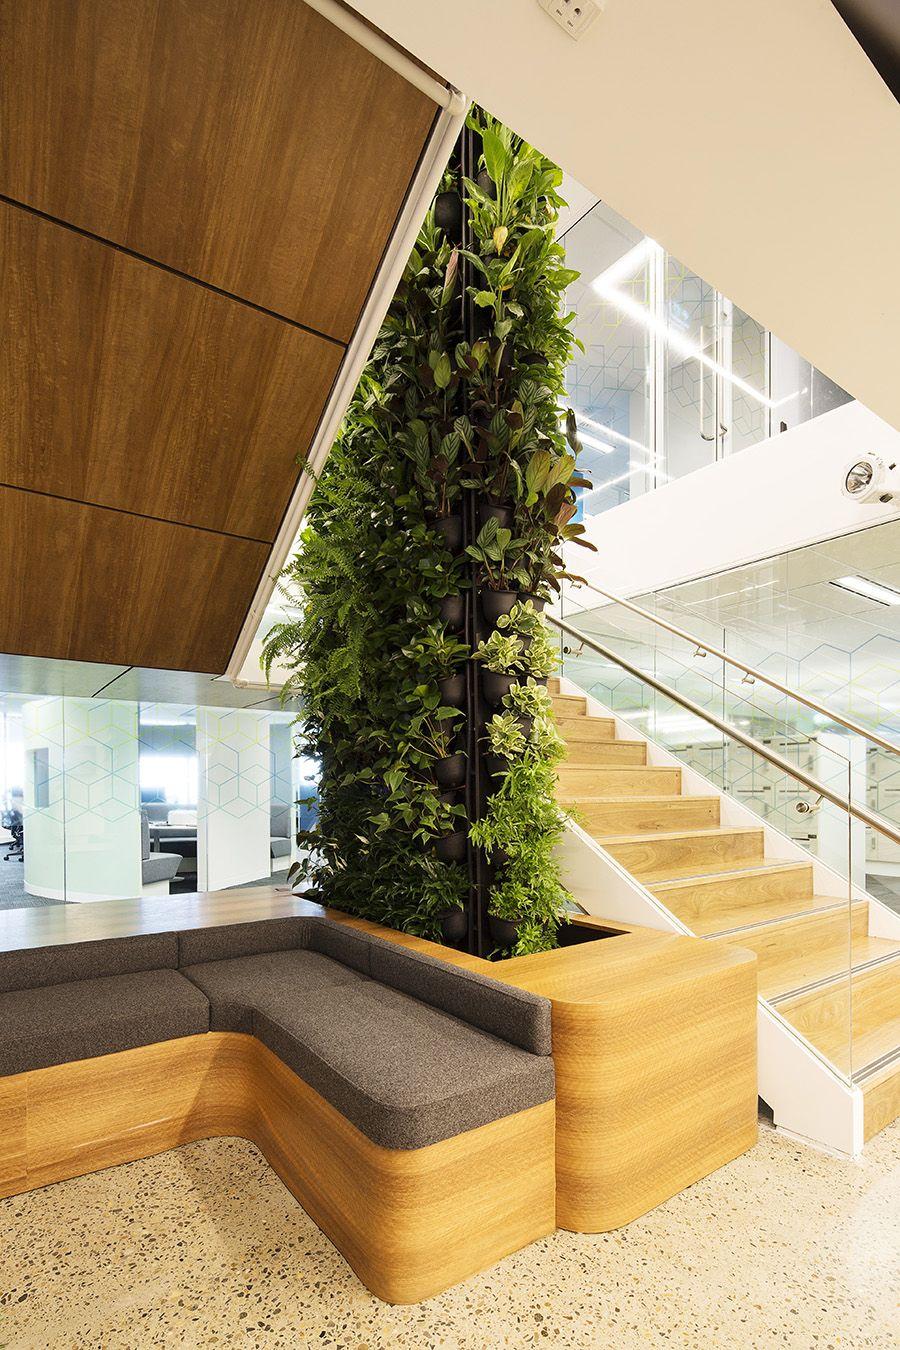 abbvie pharmaceuticals by vertikal extraordinary on indoor vertical garden wall diy id=43905